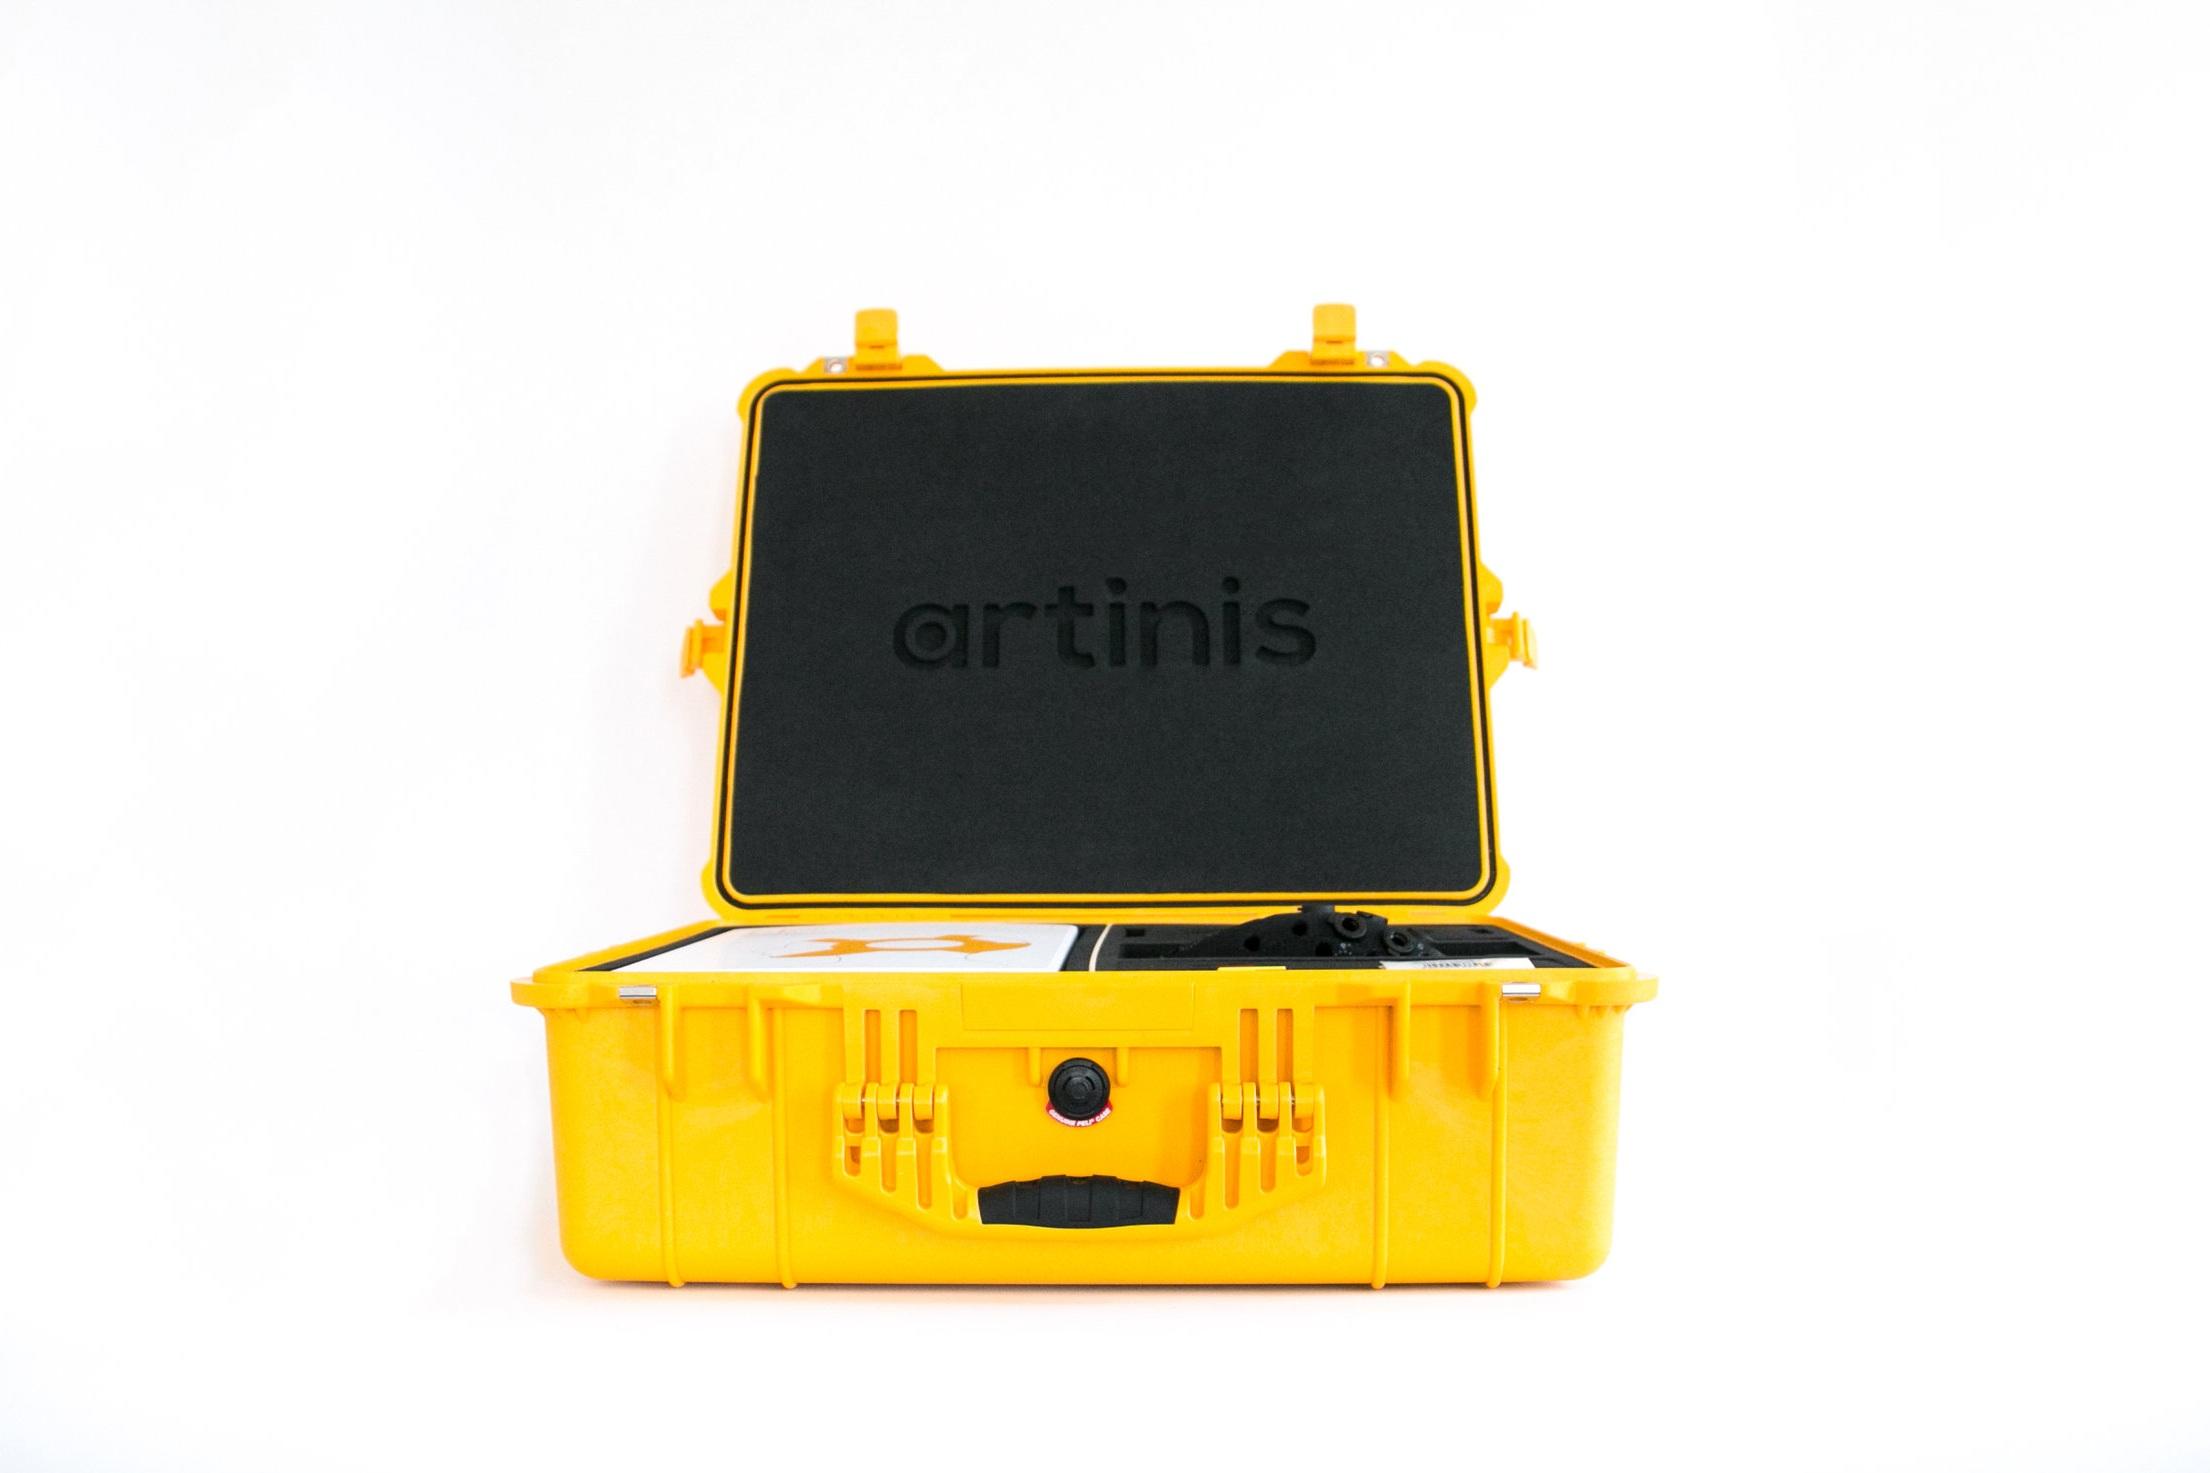 STARSTIM+fNIRS+kit.jpg